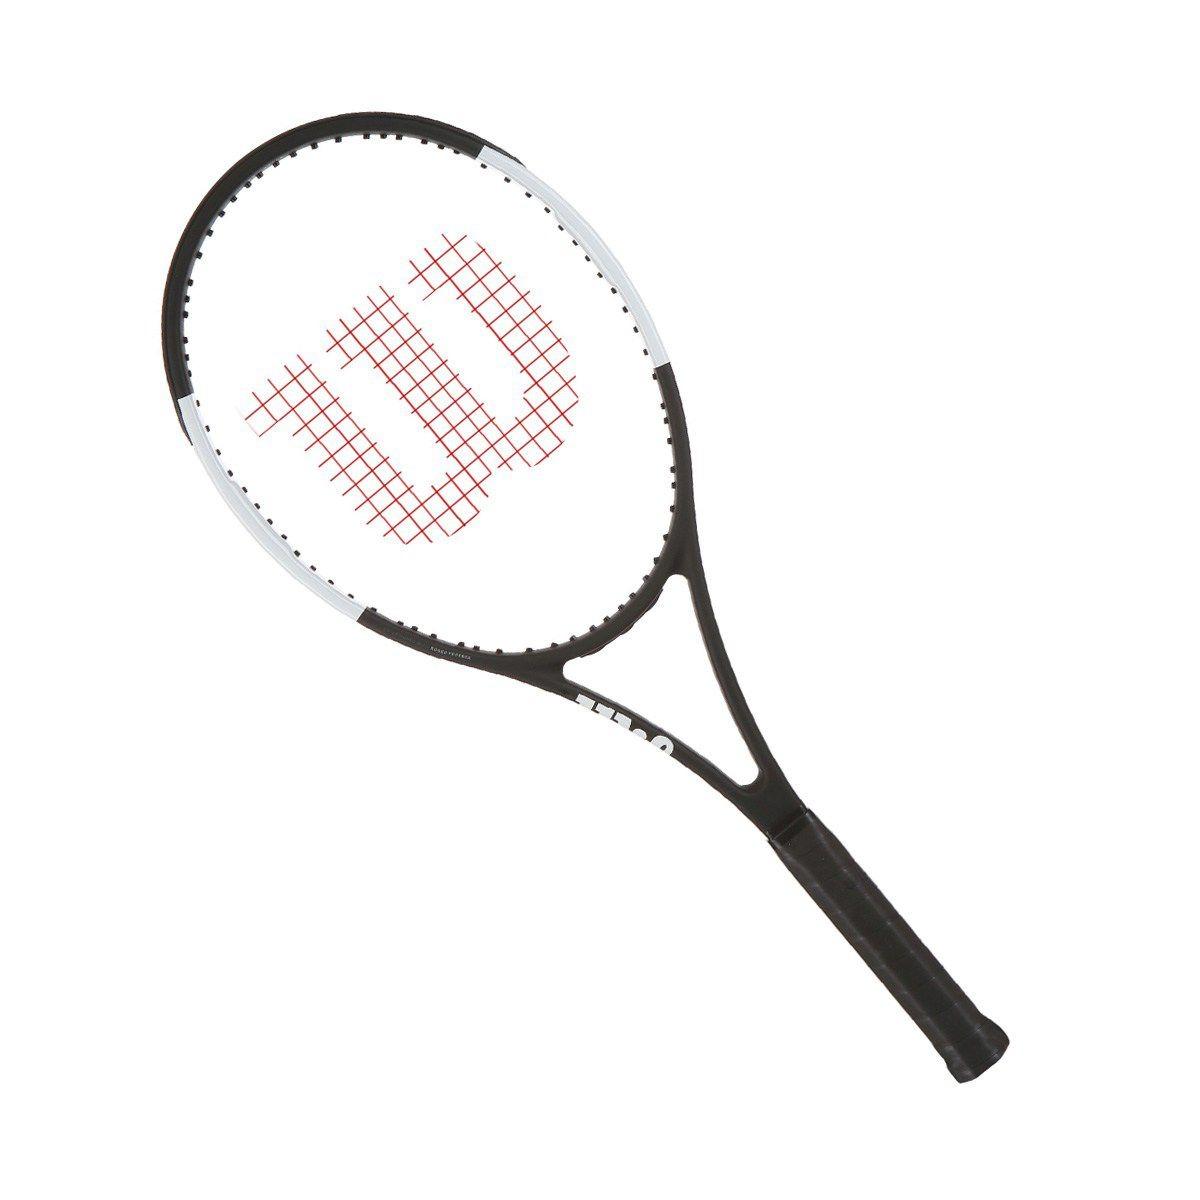 c9e4adb1f raquete de tênis wilson pro staff 97l (290g). Carregando zoom.